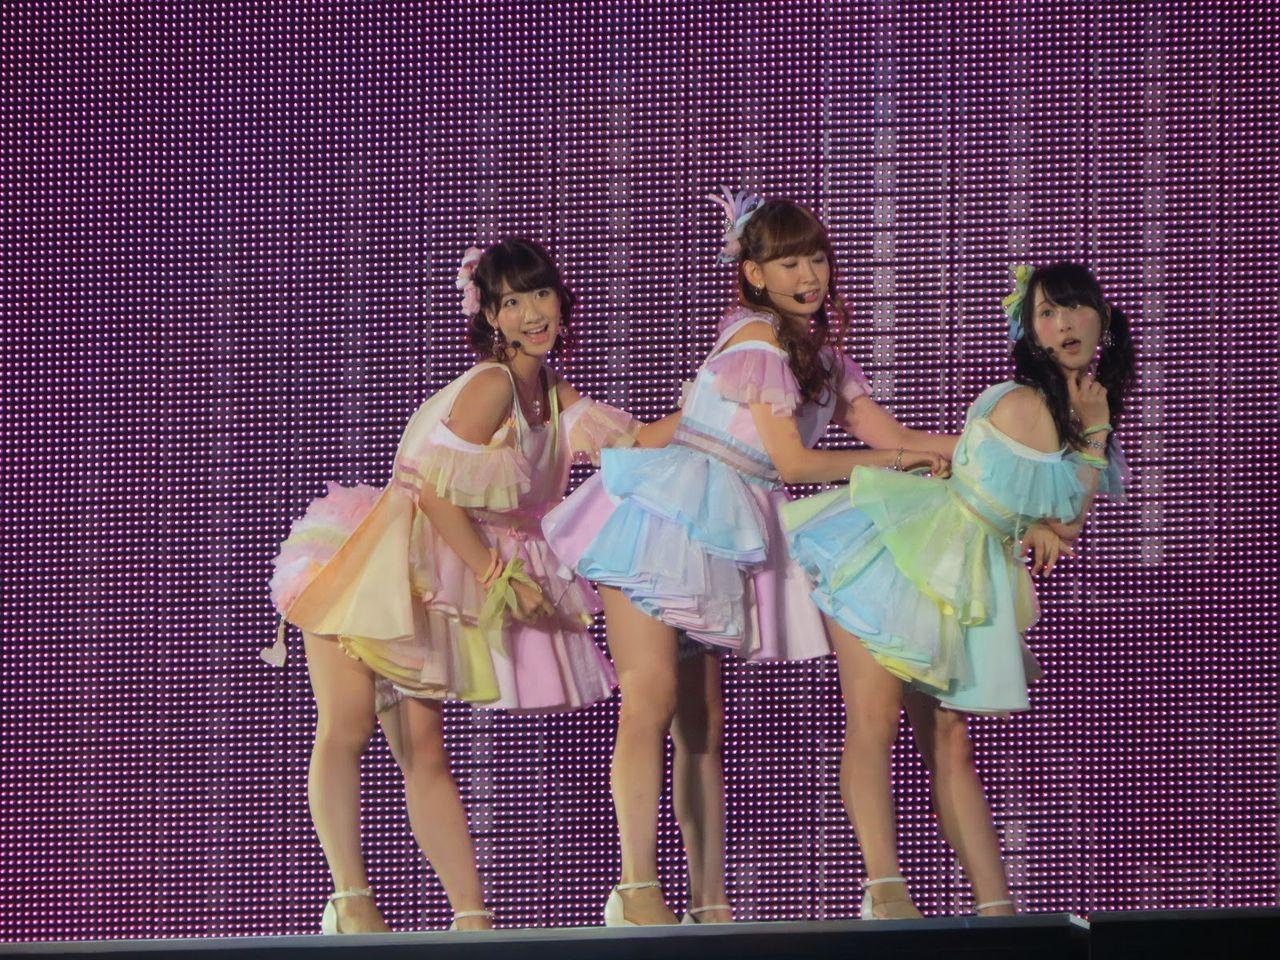 NMBさやみるきーまとめAKB48東京ドームコンサートで他メンバーのジッパー披露に思いを巡らせるみるきーファンコメント